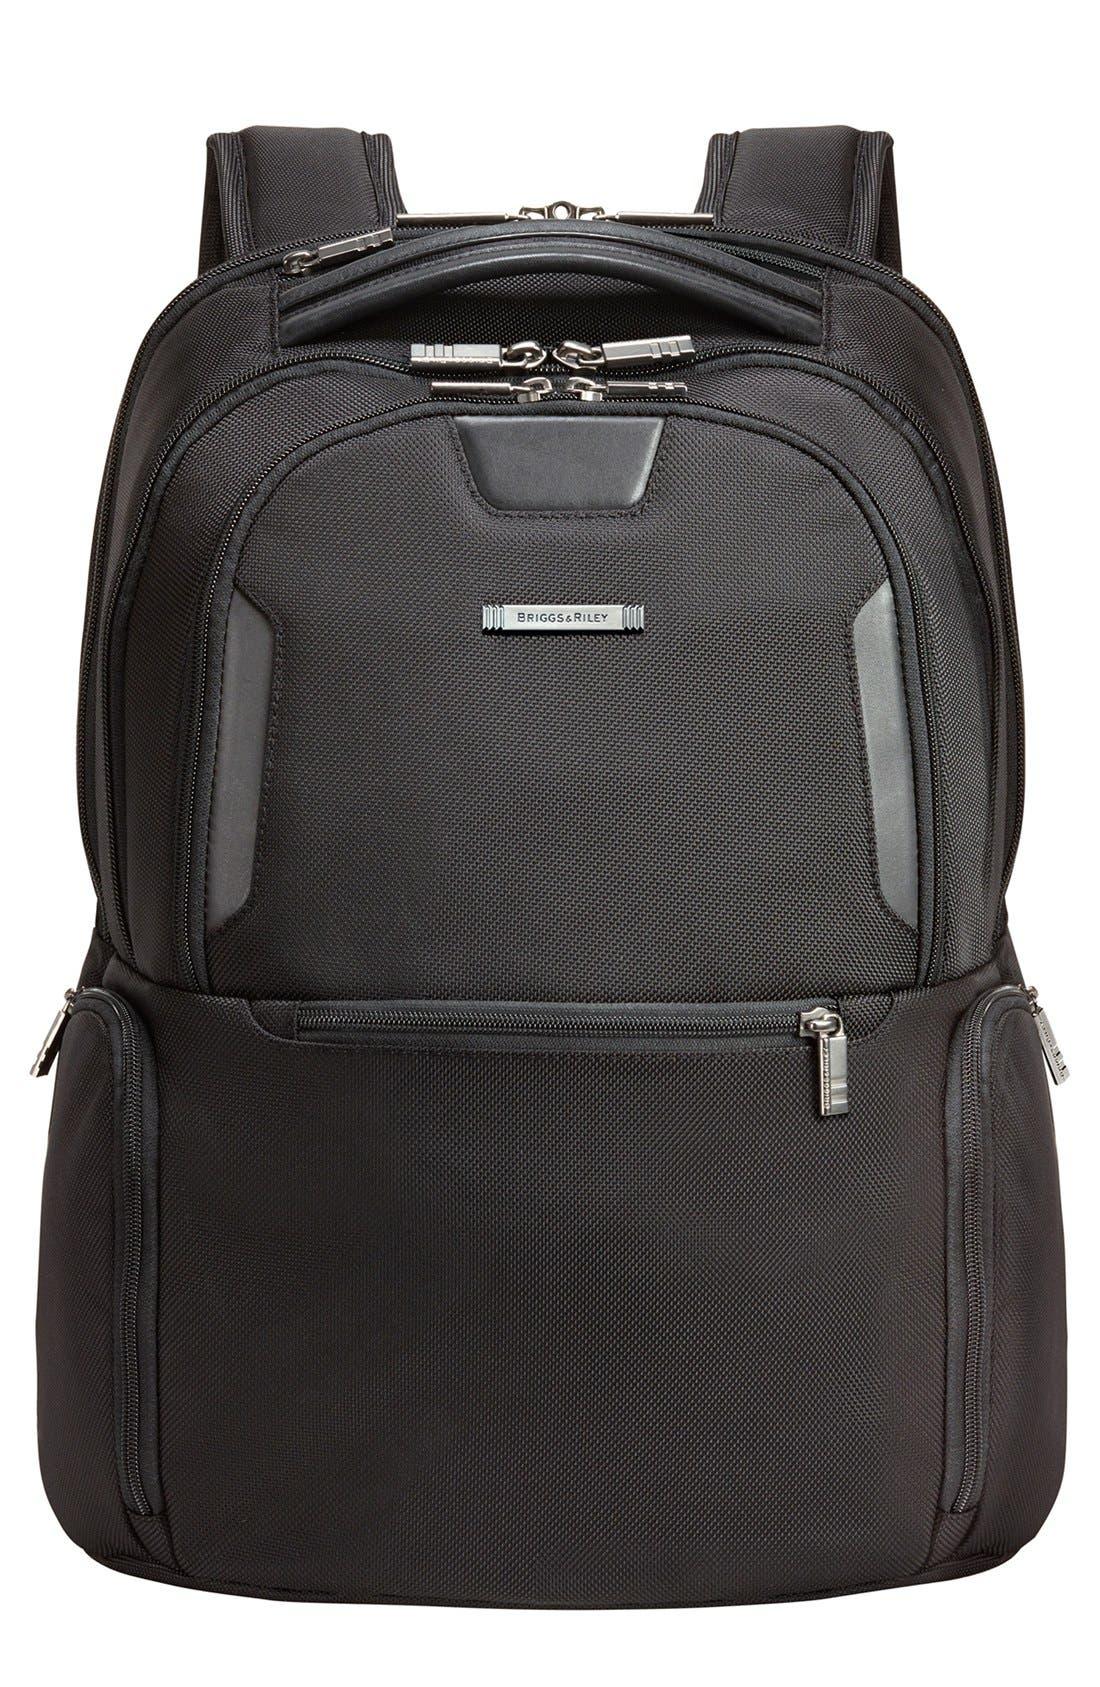 Alternate Image 1 Selected - Briggs & Riley '@work - Medium' Backpack